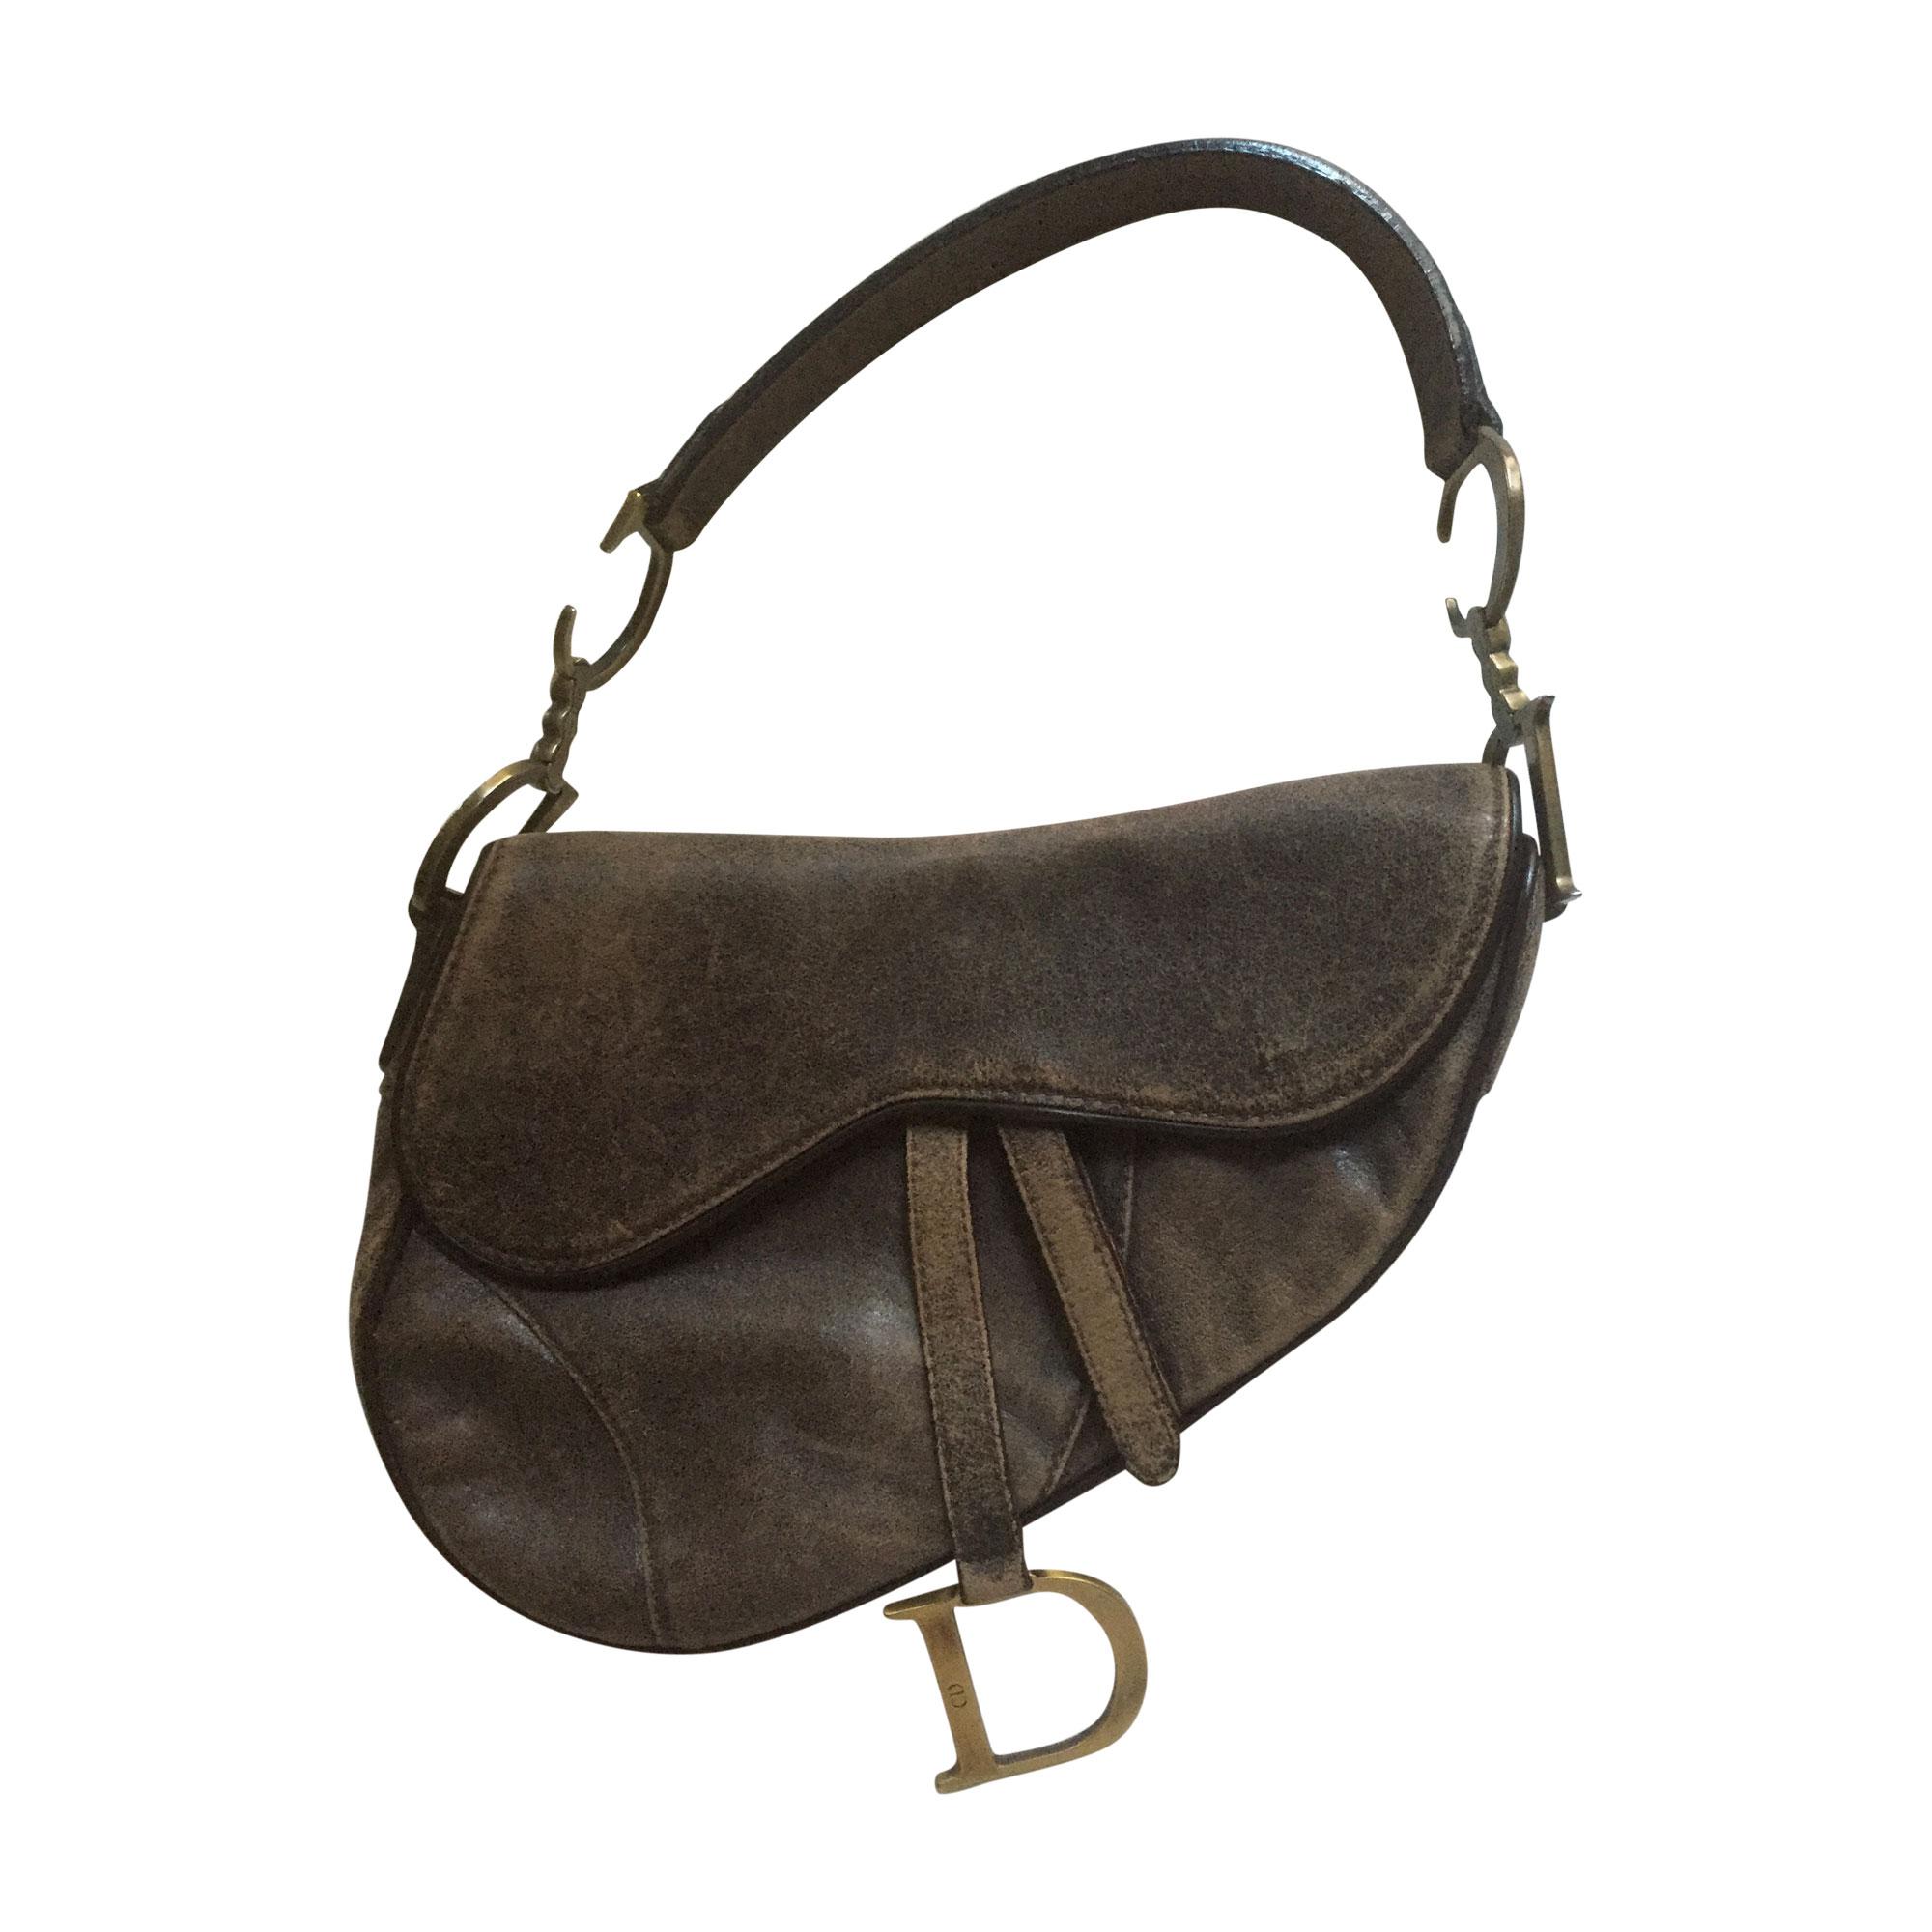 Sac à main en cuir DIOR marron vendu par Lady7164064 - 4510880 93ec962cfa7